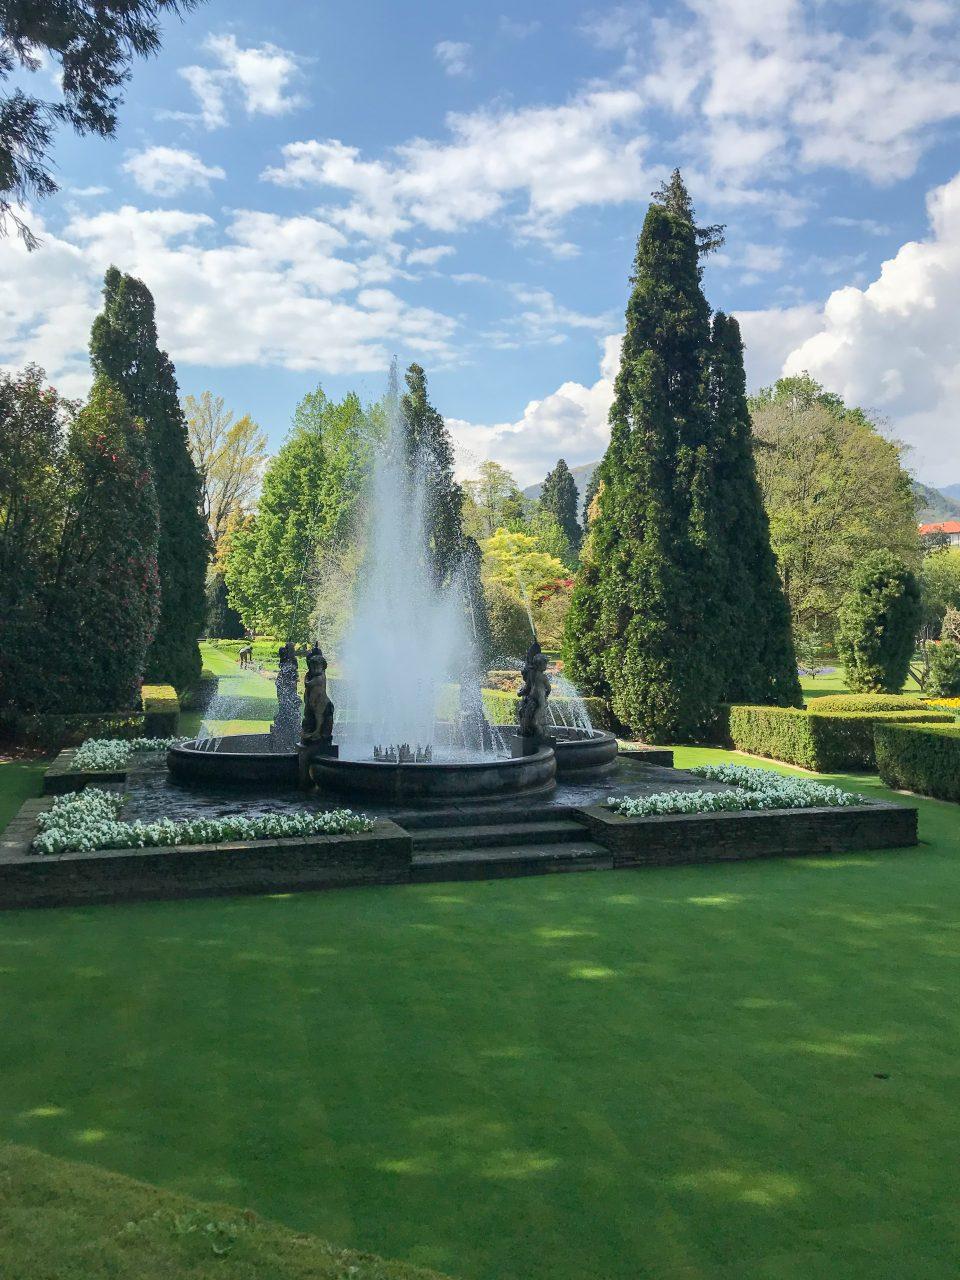 Villa taranto - istanti in viaggio